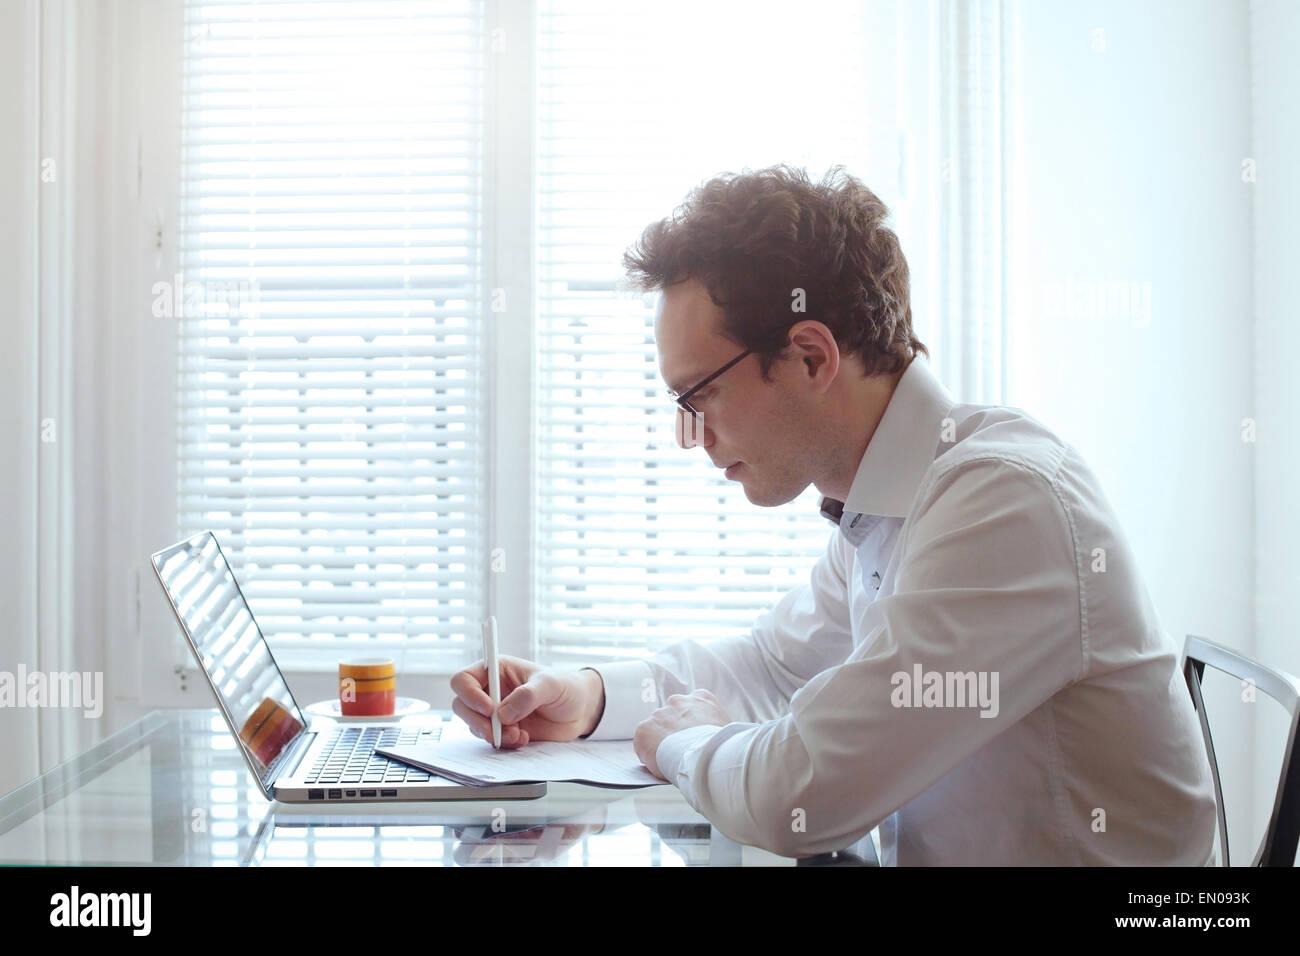 Giovane uomo di affari di lavoro con documenti e portatile in ufficio luminoso interno Immagini Stock